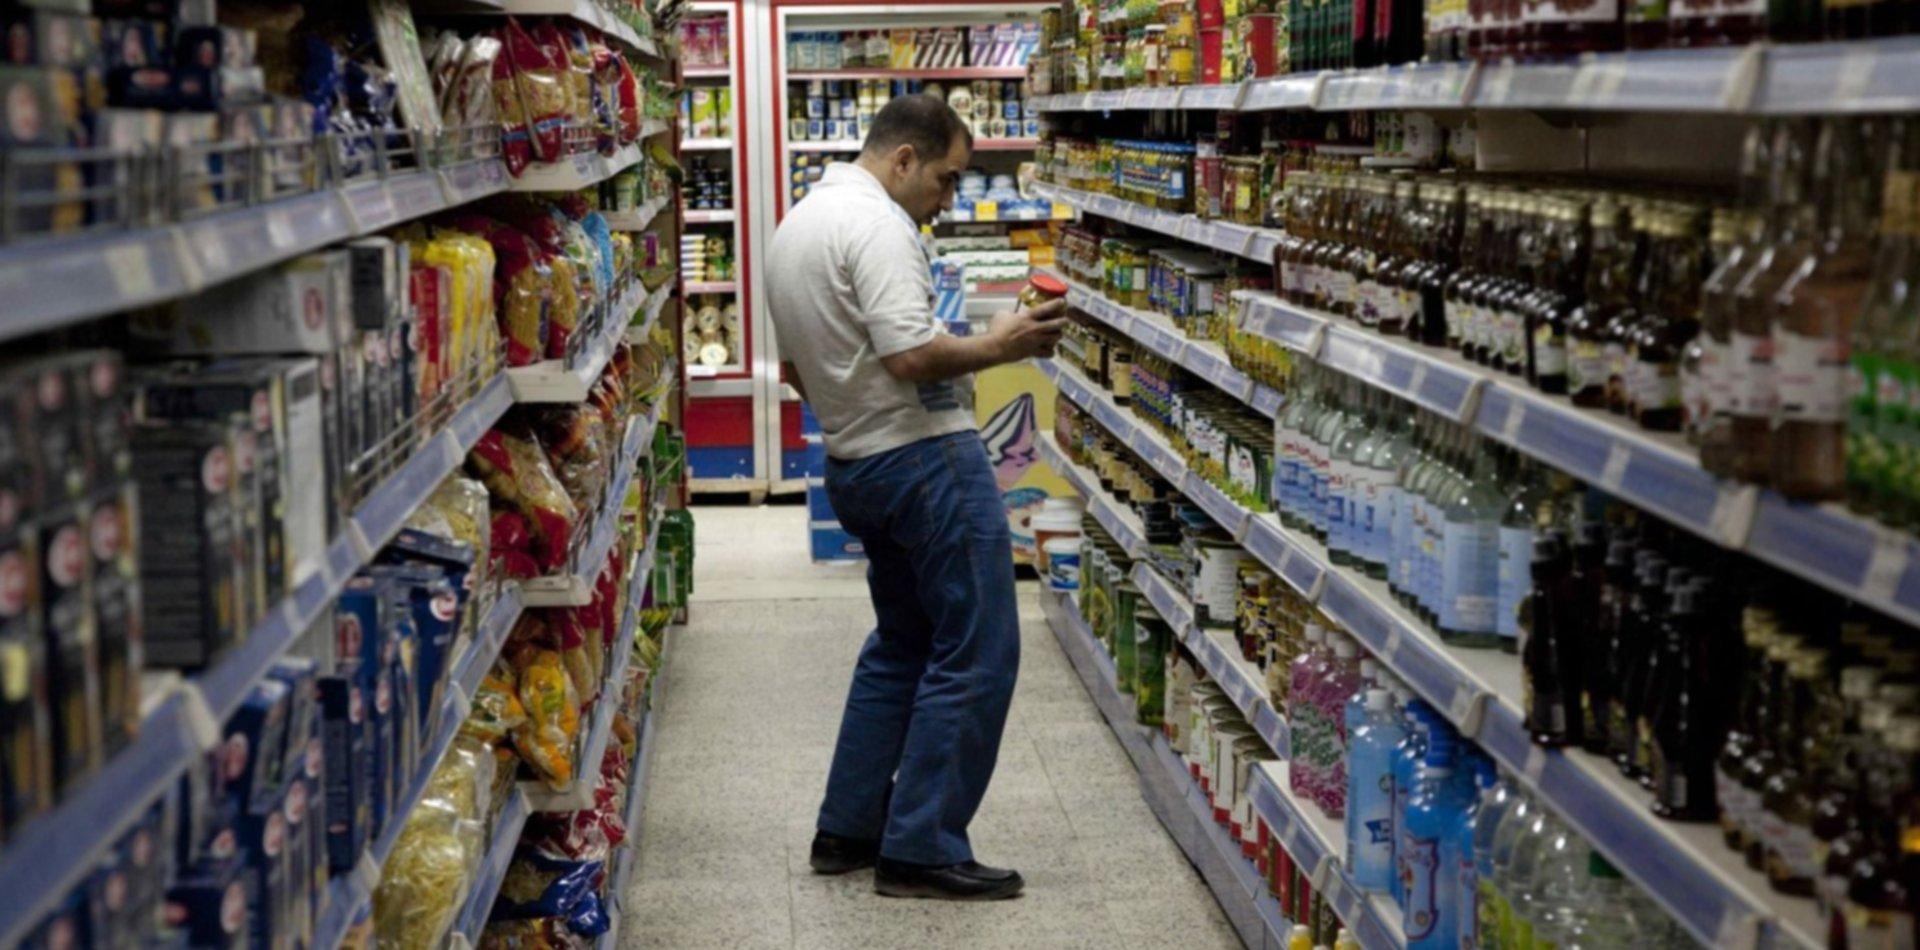 La inflación no cede y según el INDEC los precios subieron un 3,1% en mayo